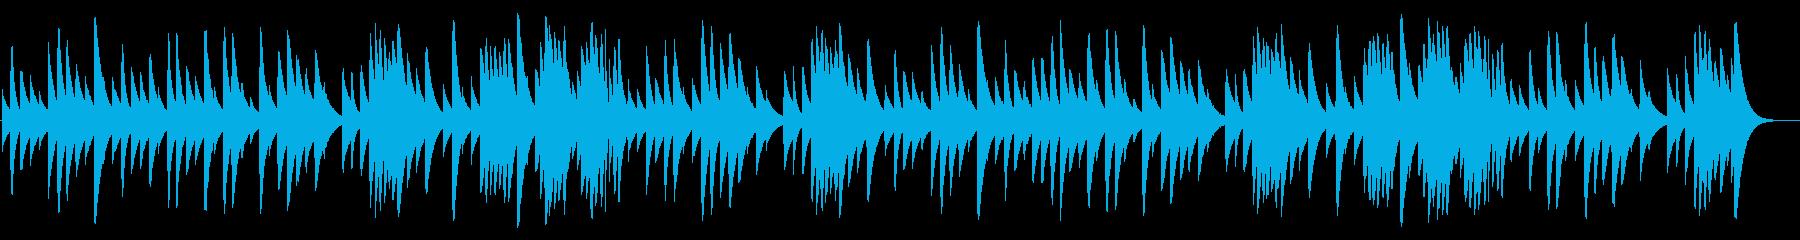 ショパンのノクターン 18弁オルゴールの再生済みの波形